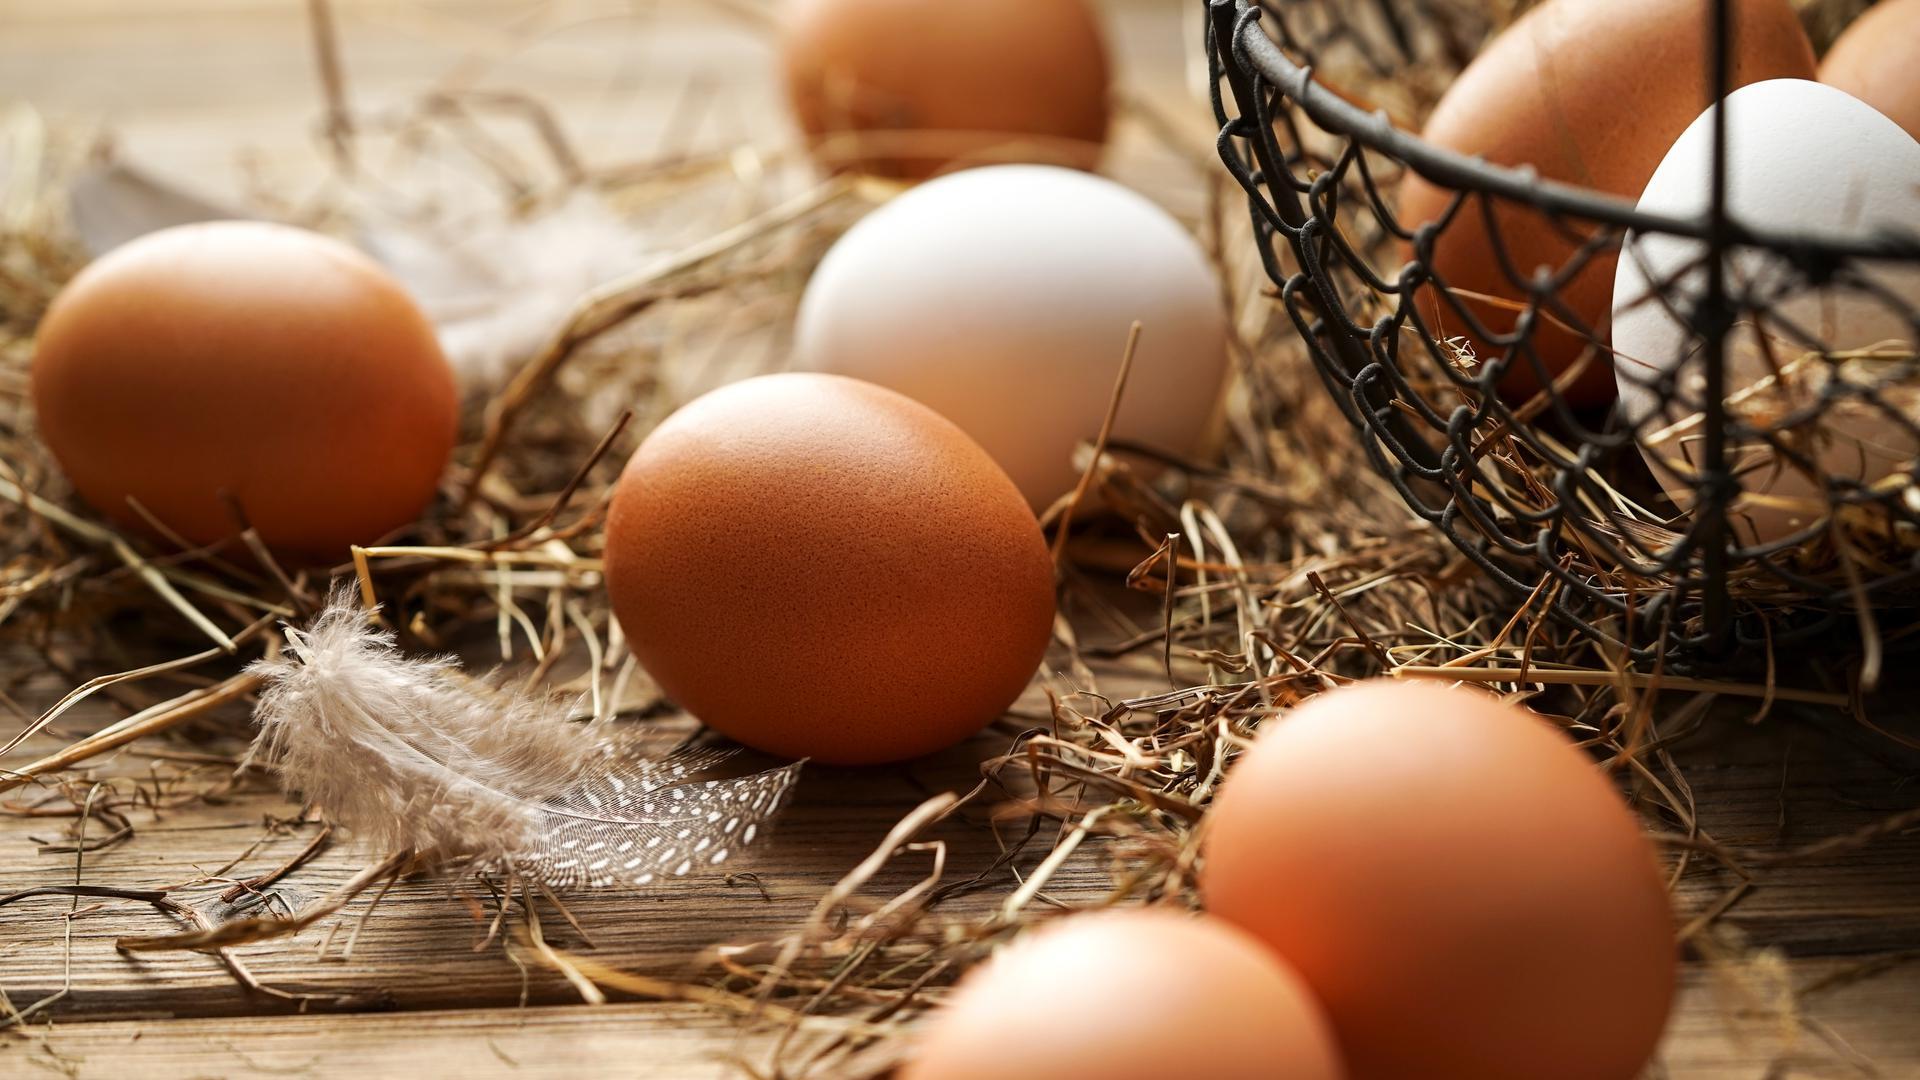 Frische Eier von Hühnern liegen auf einem Tisch.